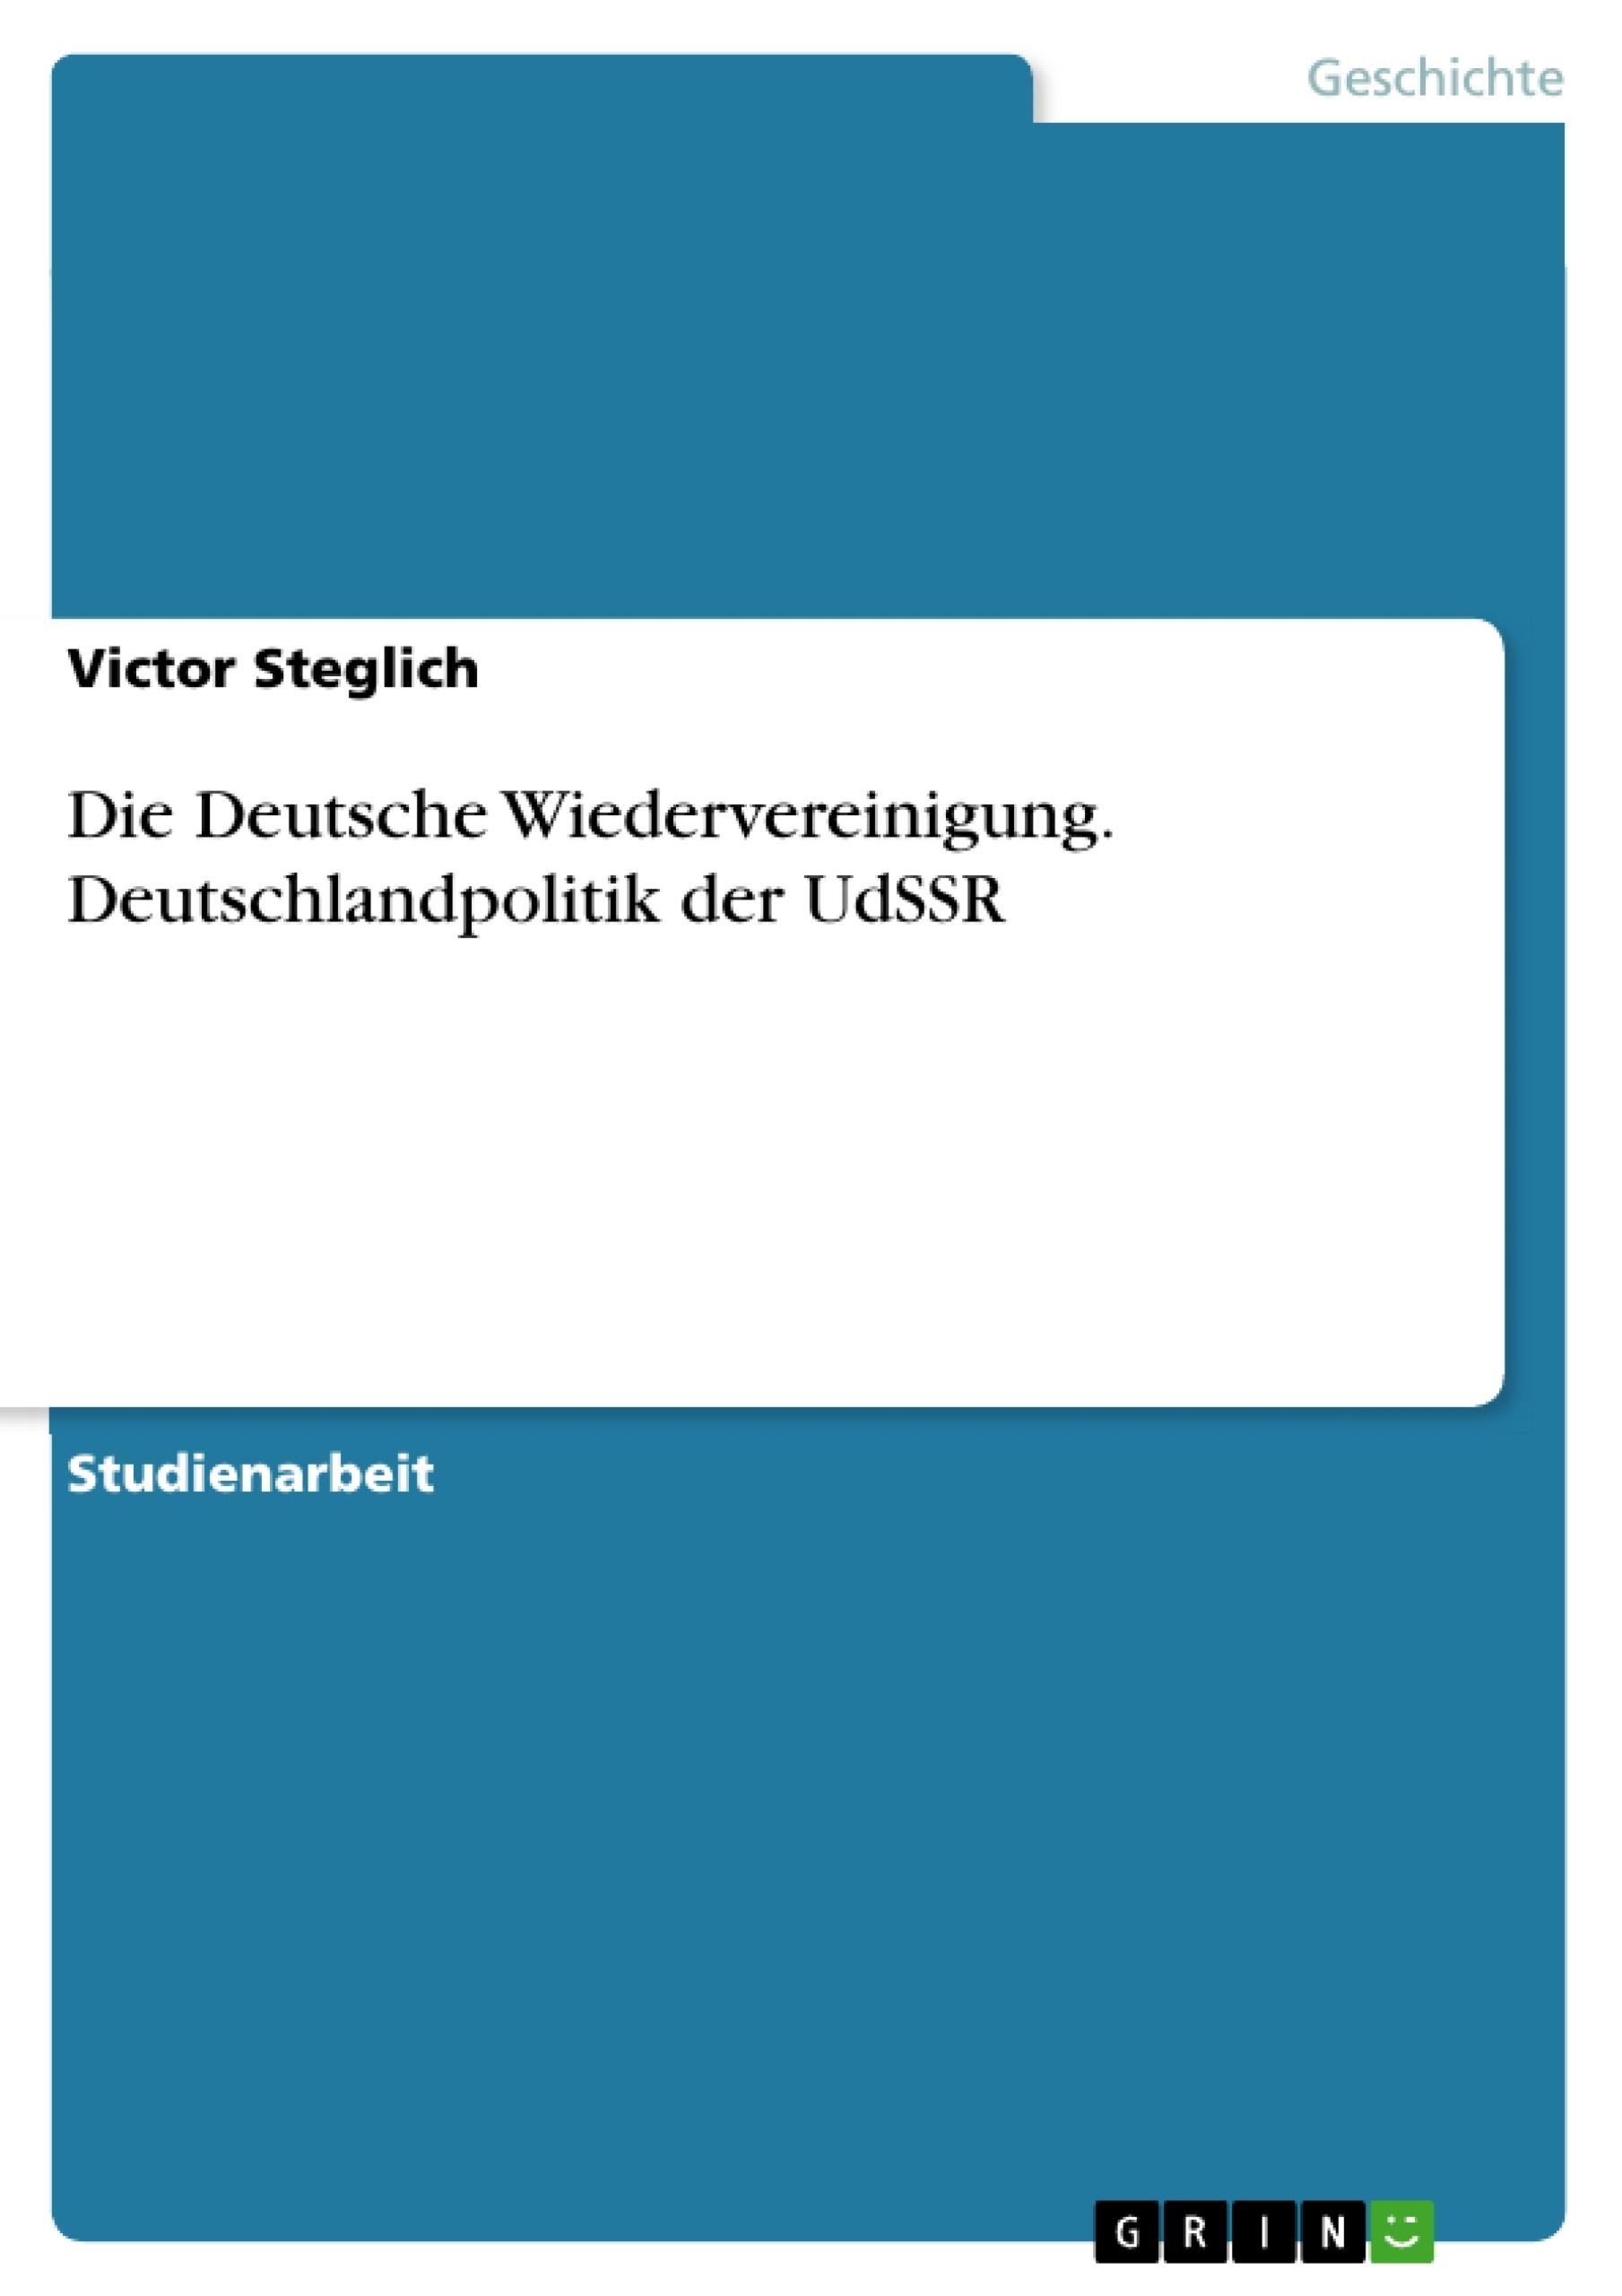 Titel: Die Deutsche Wiedervereinigung. Deutschlandpolitik der UdSSR